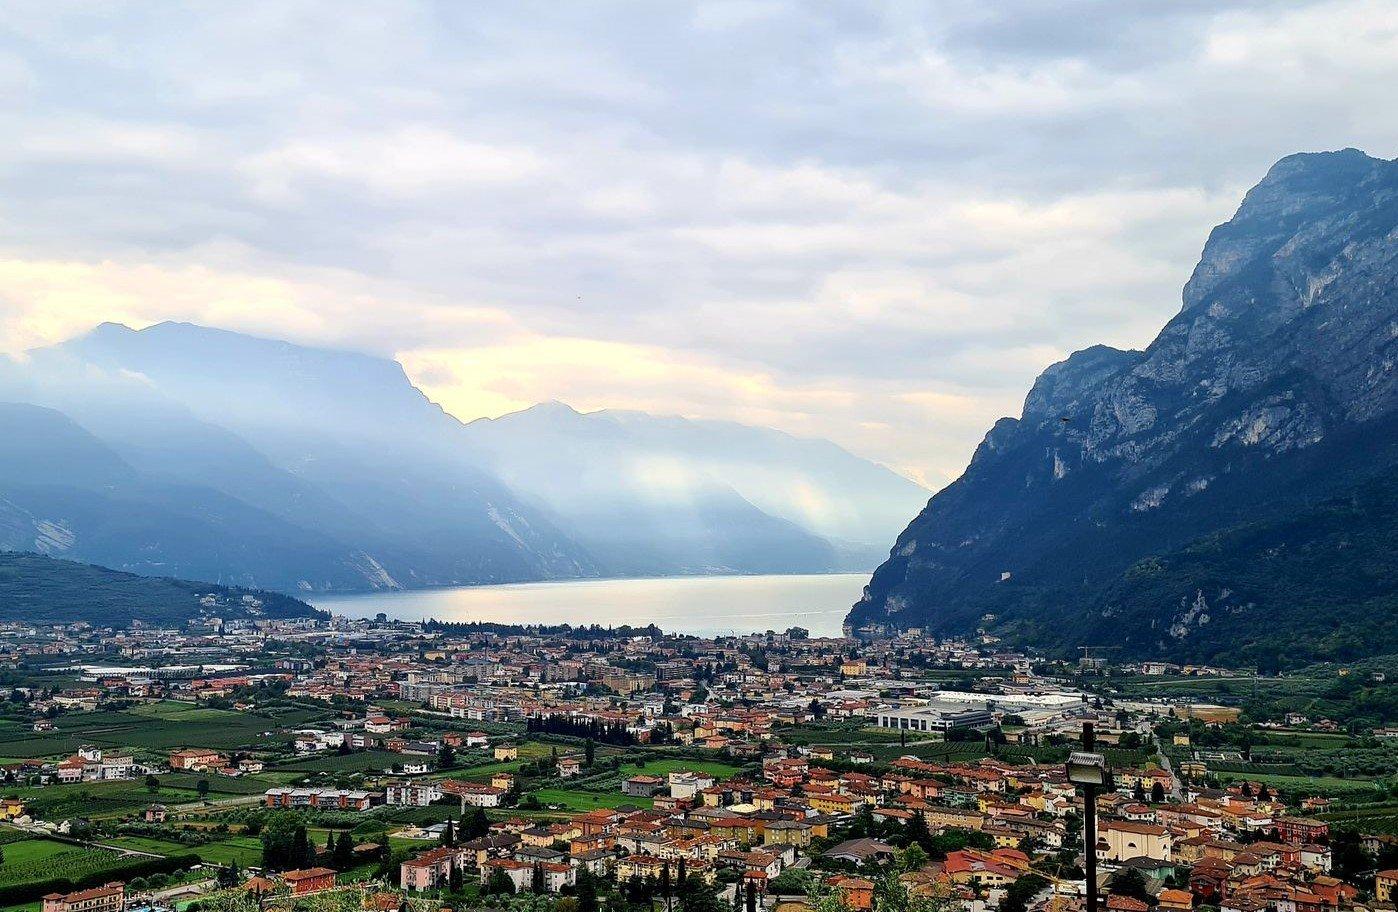 Dove si trova l'acetaia del Balsami Trentino